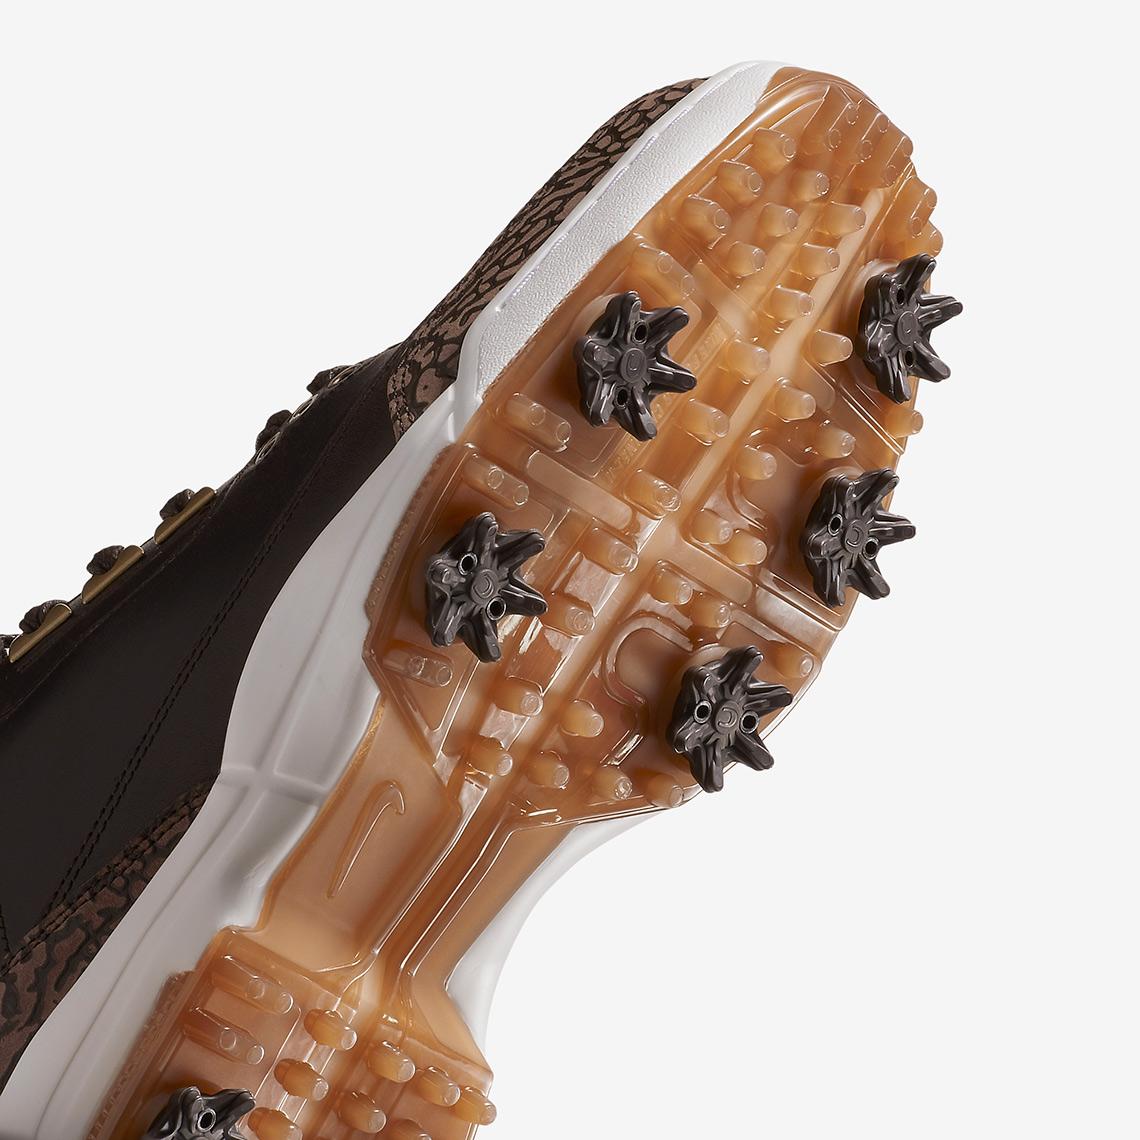 Air Jordan 3 Golf Shoe Release Date  February 16 f9c100f68